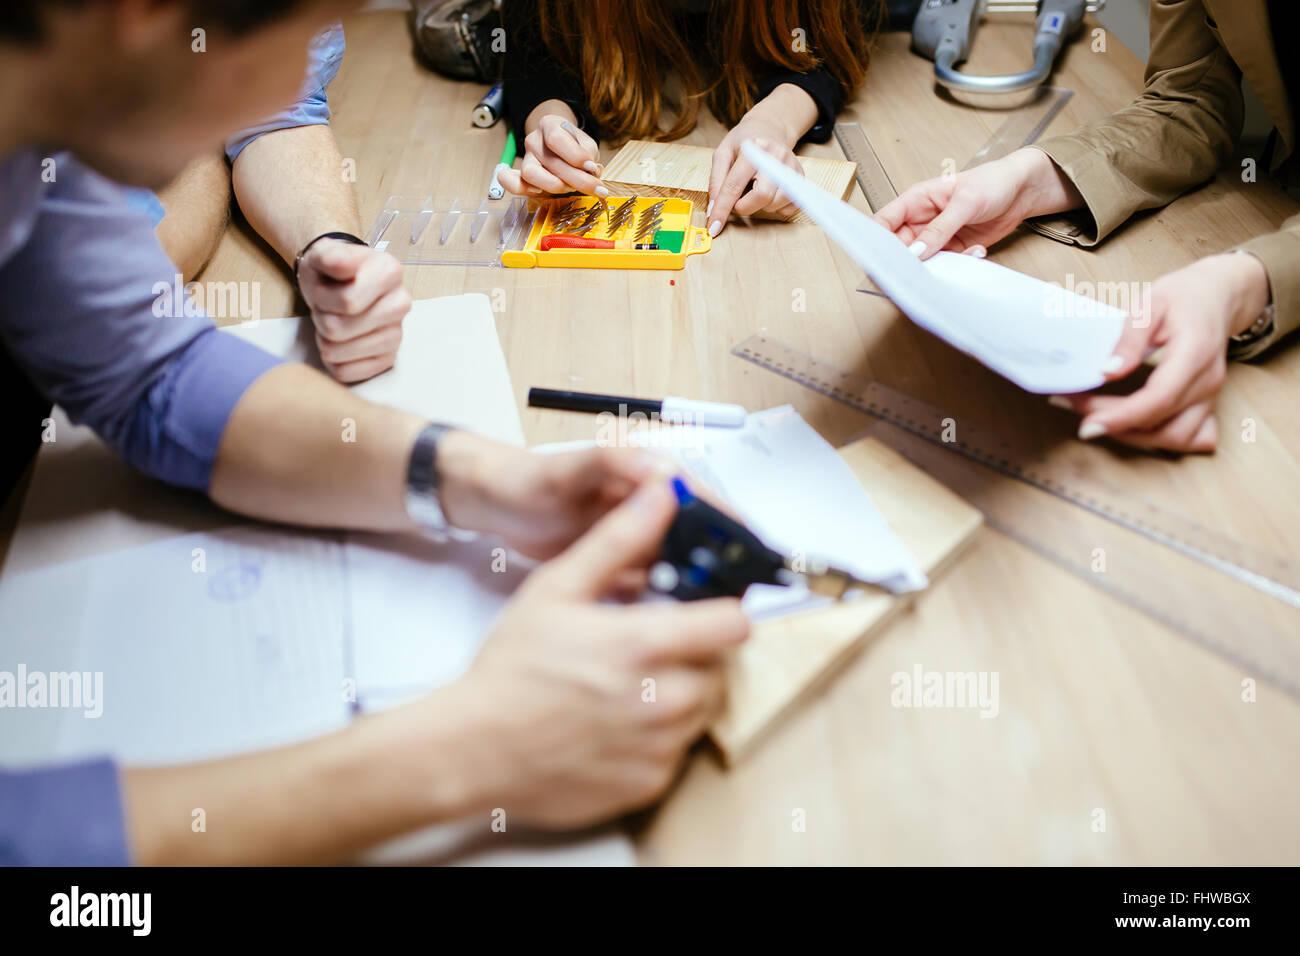 Groupe de travail designer sur projet en atelier Photo Stock